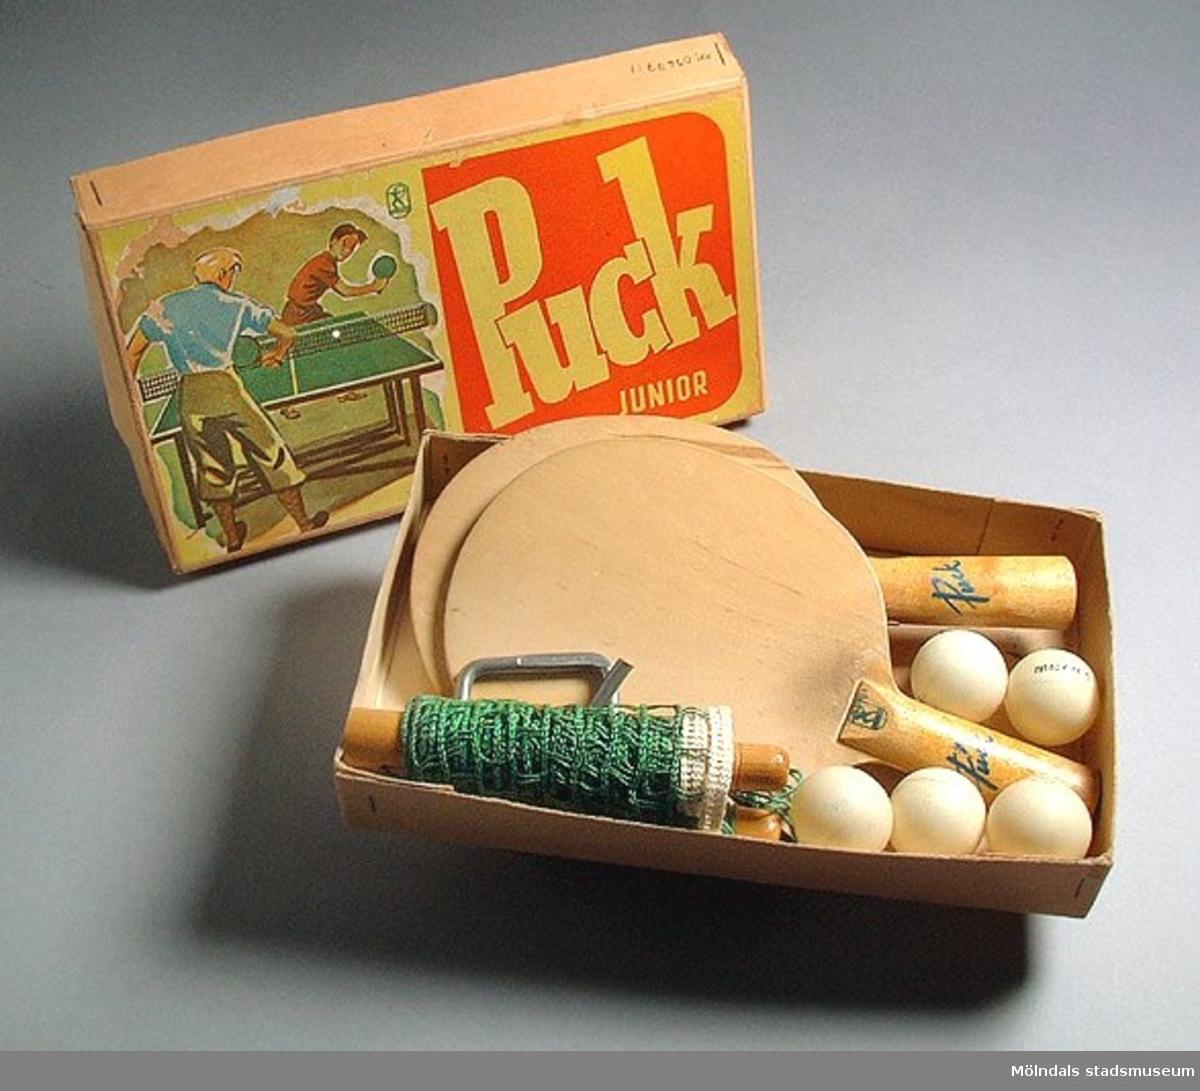 Kartong MM03677:1, med spelregler för bordtennis i locket.Racketar MM03677:2, 2 st.Nät MM03677:3, 1 st.Tvingar MM03677:4, 2 st.Bollar MM03677:5, 5 st.Bordtennisspelet/pingisspelet inköptes troligen på 1940-talet. Användes senare av givarens barn på 1960-talet, då spelet sattes upp på ett slagbord.